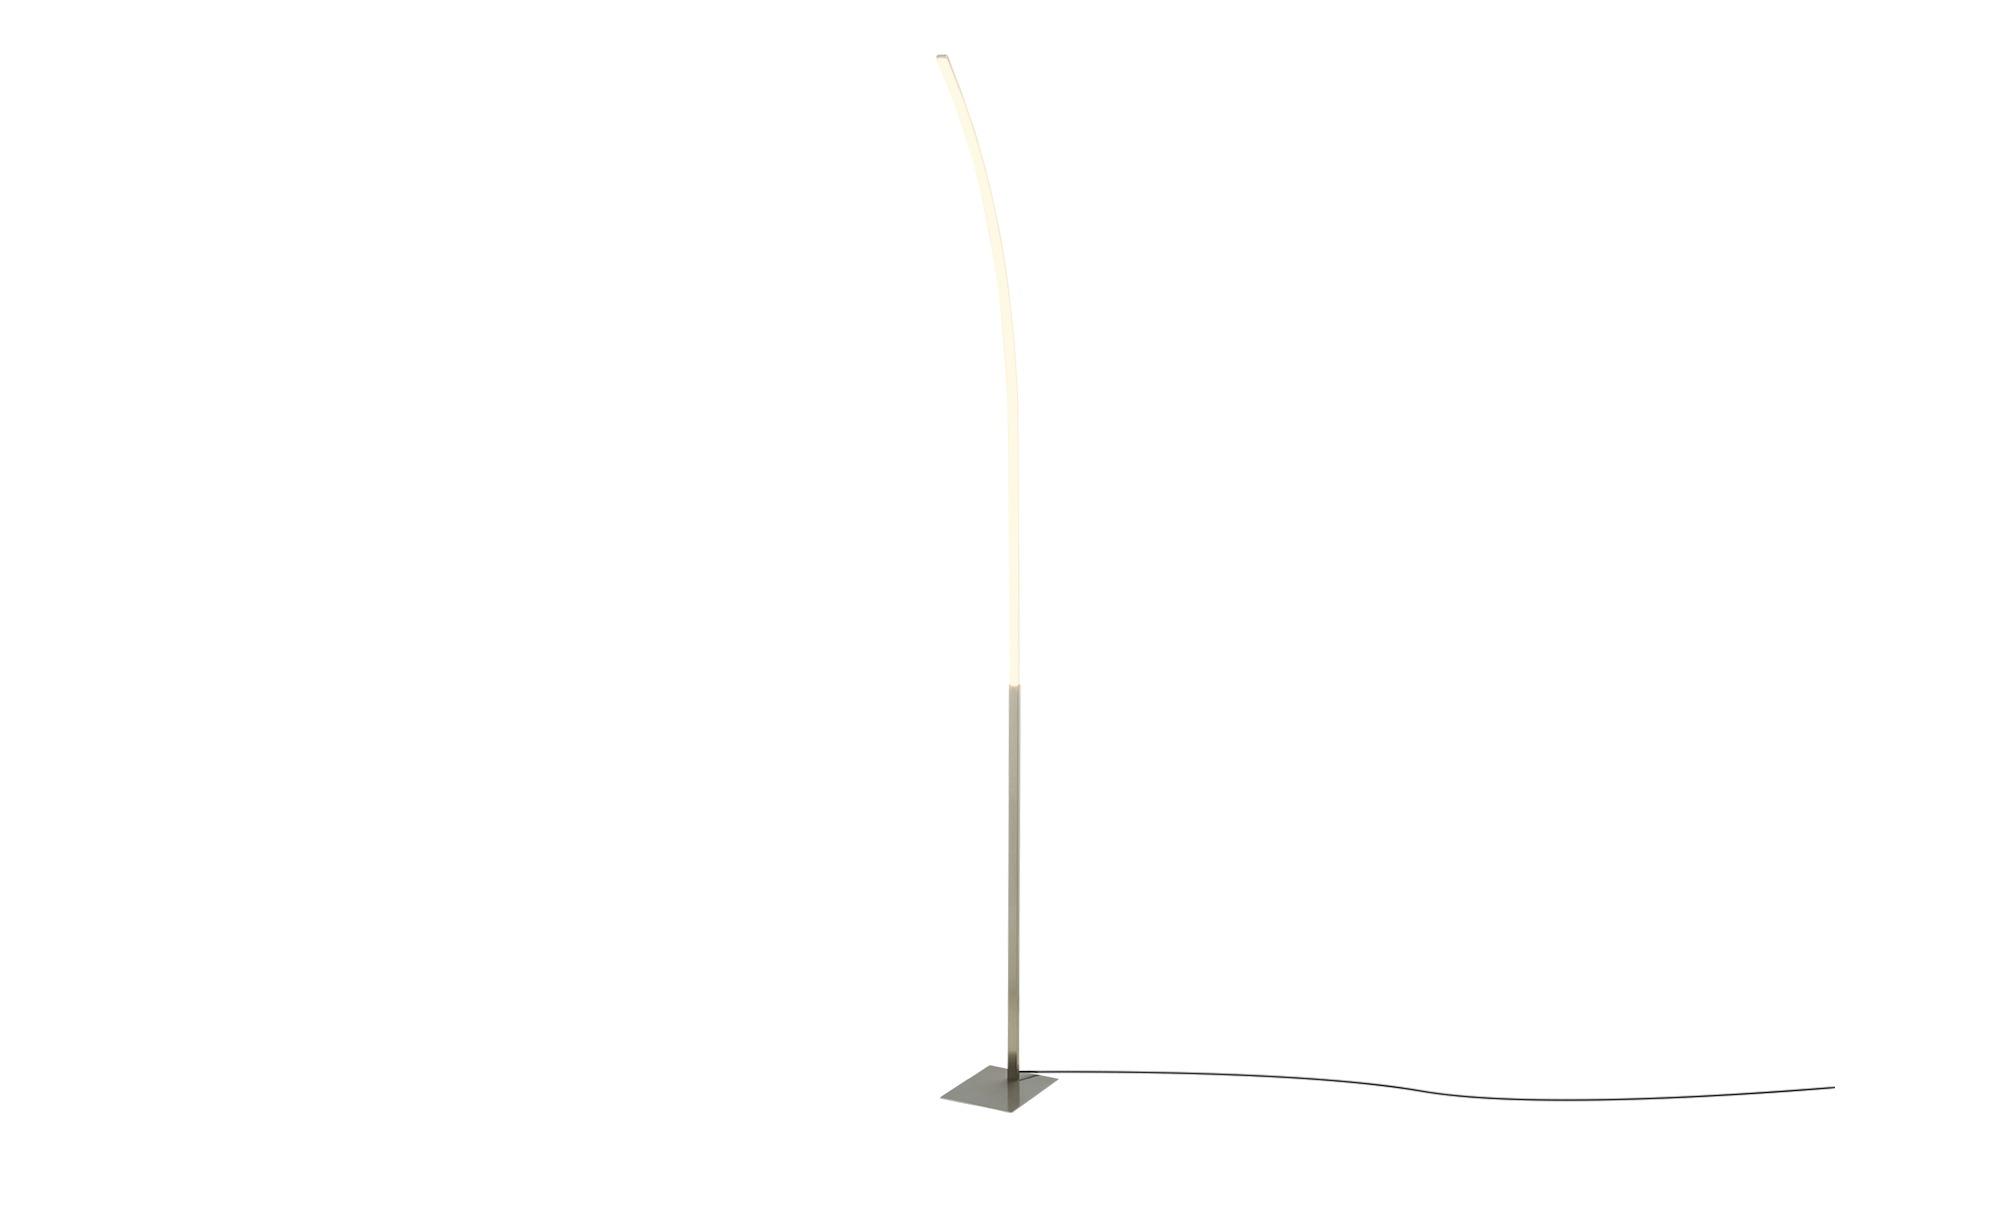 KHG LED-Stehleuchte, 1-flammig, alufarben ¦ silber ¦ Maße (cm): B: 14 H: 174 Lampen & Leuchten > Innenleuchten > Stehlampen - Höffner